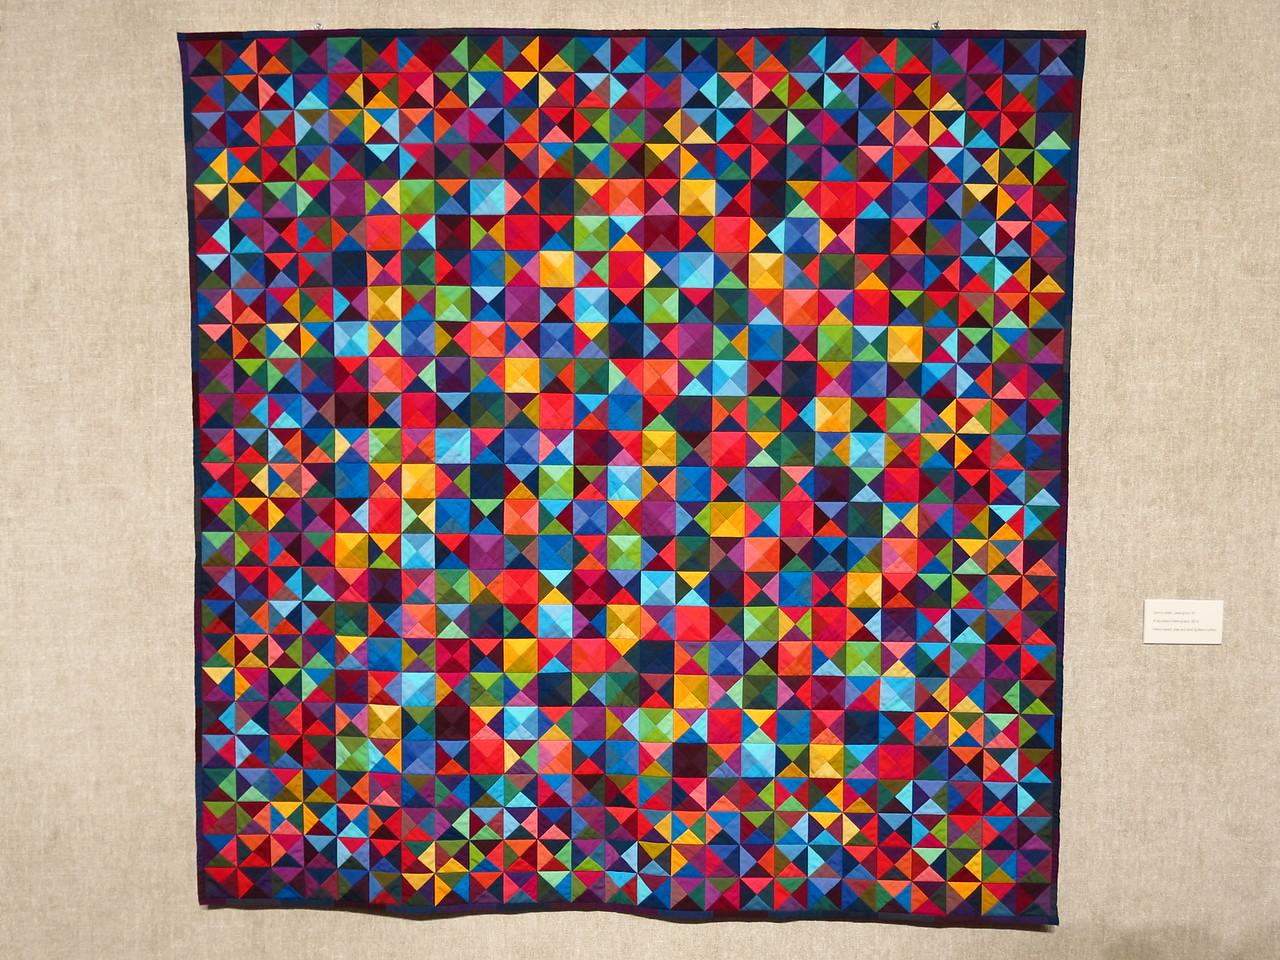 2015-06-10 Art (7)